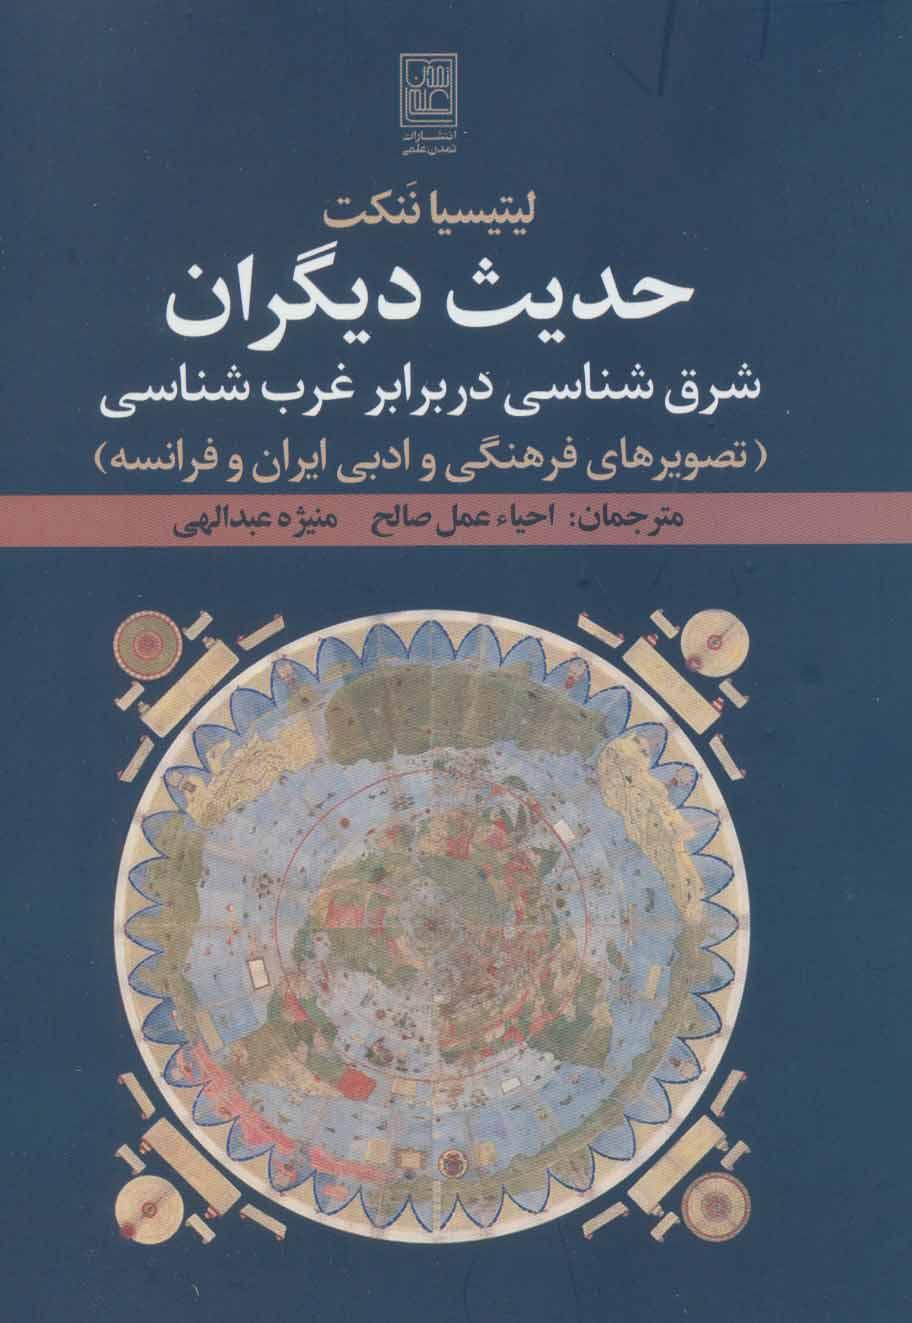 کتاب حدیث دیگران: شرقشناسی در برابر غربشناسی (تصویرهای فرهنگی و ادبی ایران و فرانسه)